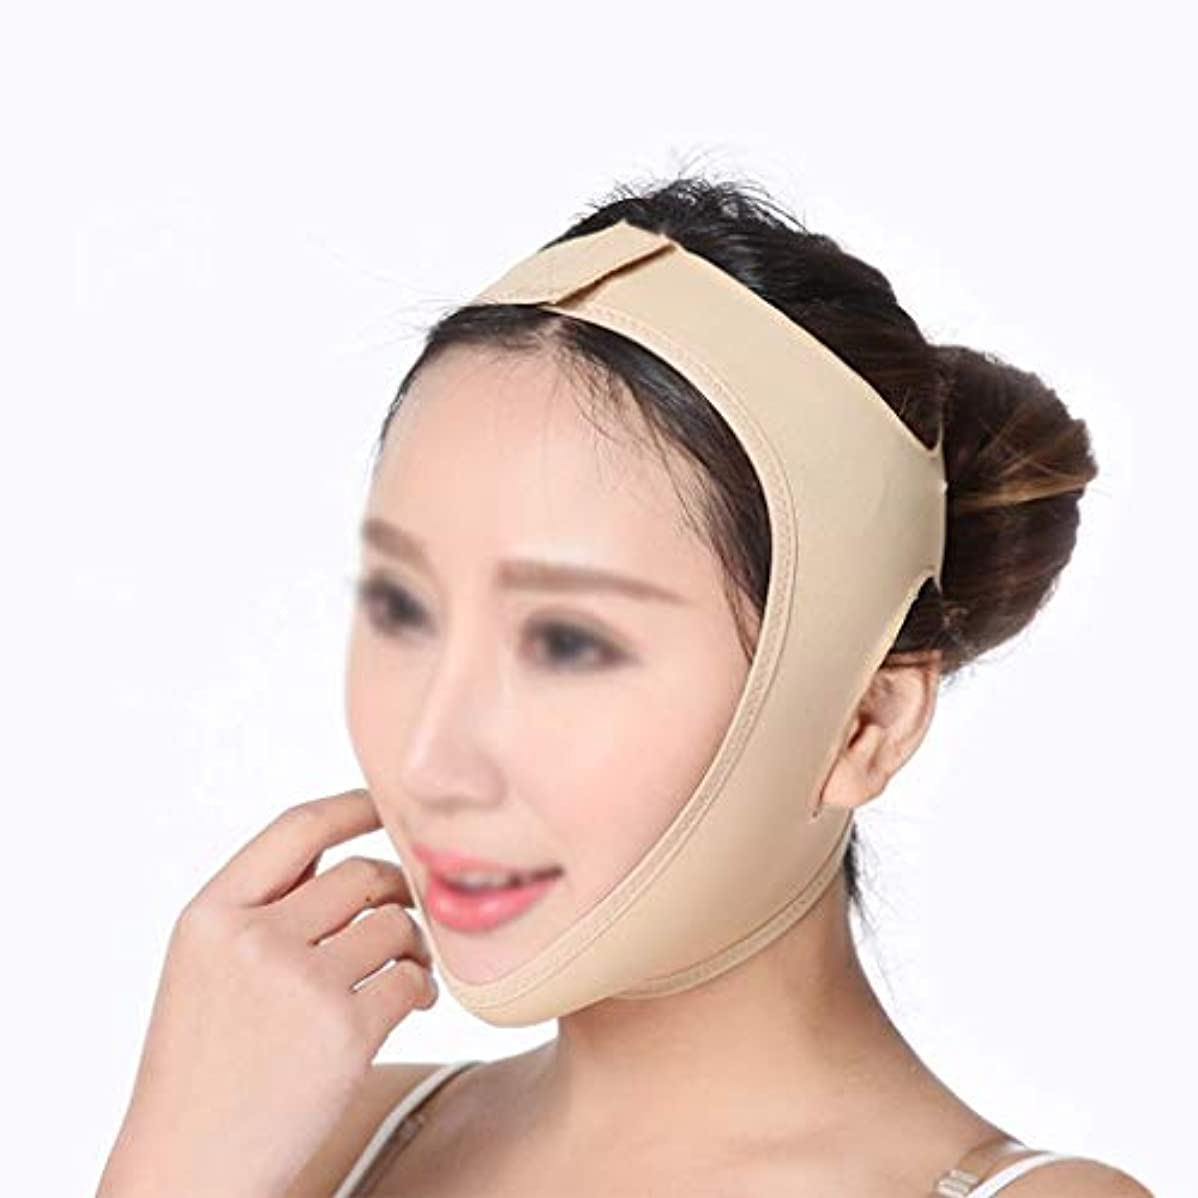 自宅でゴシップバーターフェイシャルチークリフティングマスク、ダブルチンとフェイスを効果的に改善、フェイスリフト包帯、ダブルチンを減らす(サイズ:L),M